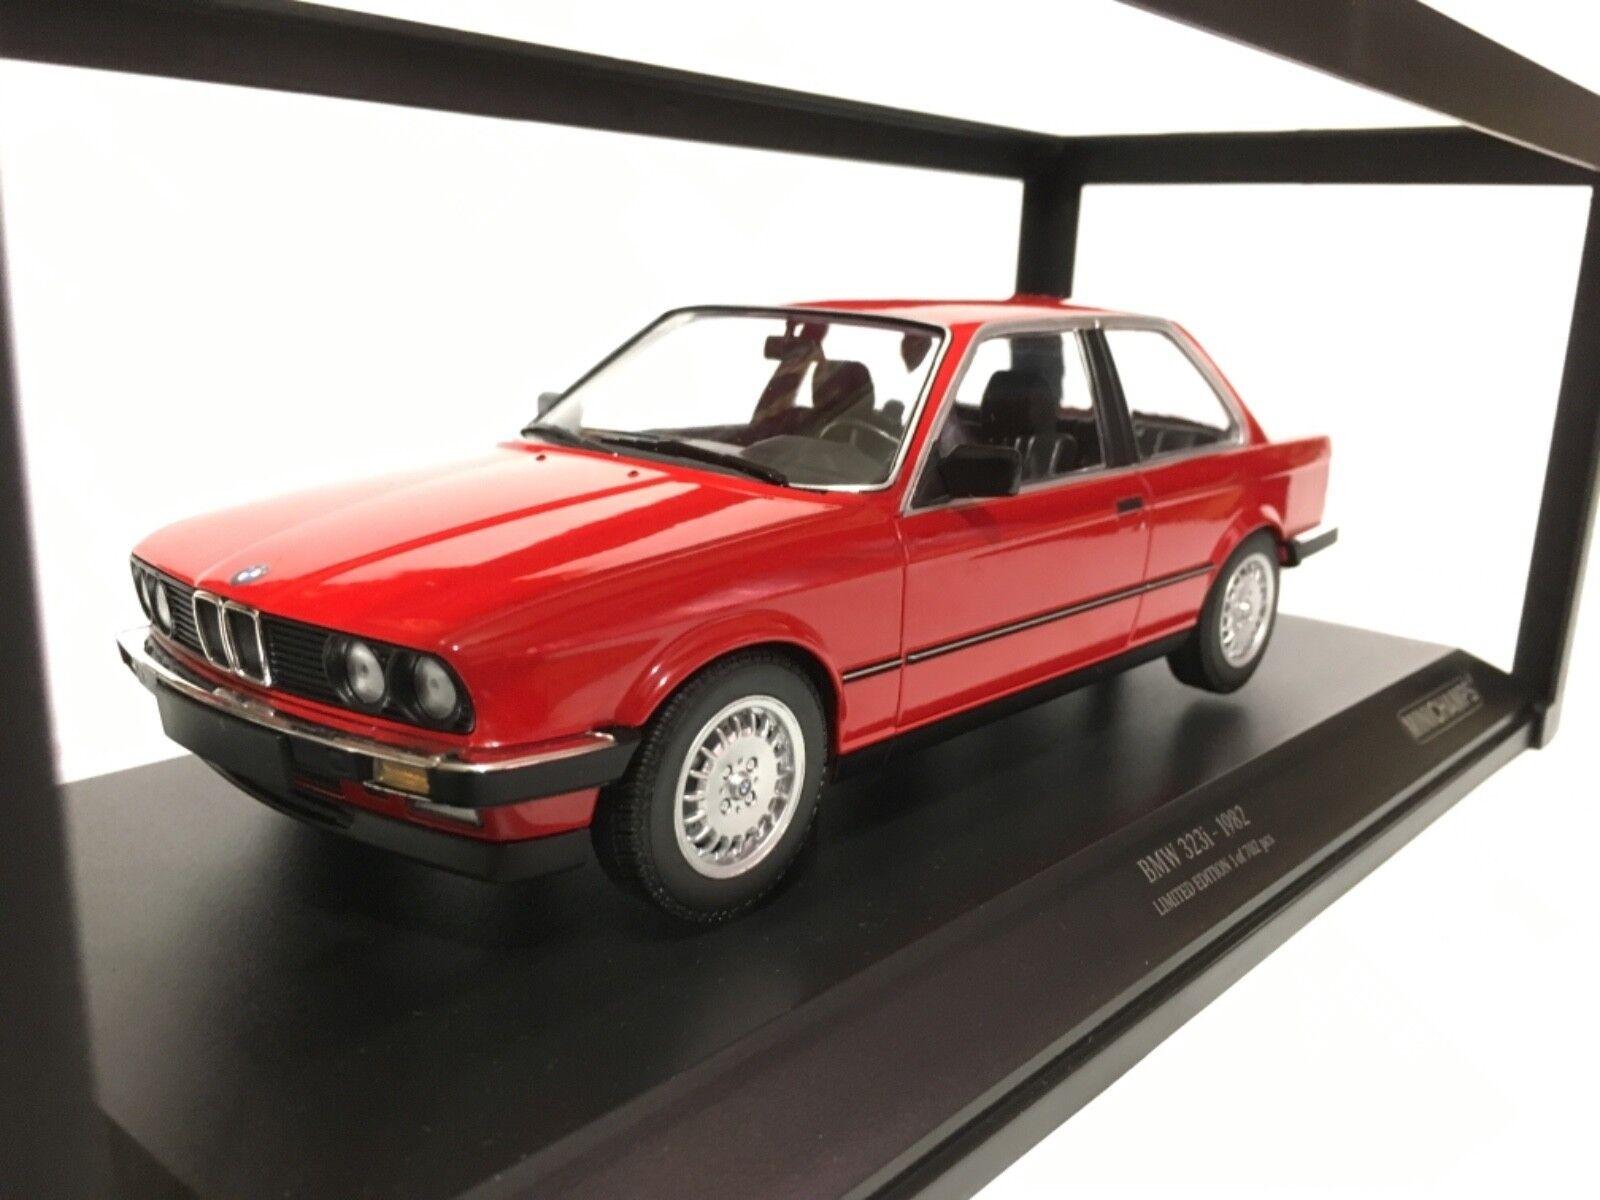 BMW 323i rosso 1982 Minichamps 1 18 155 026000